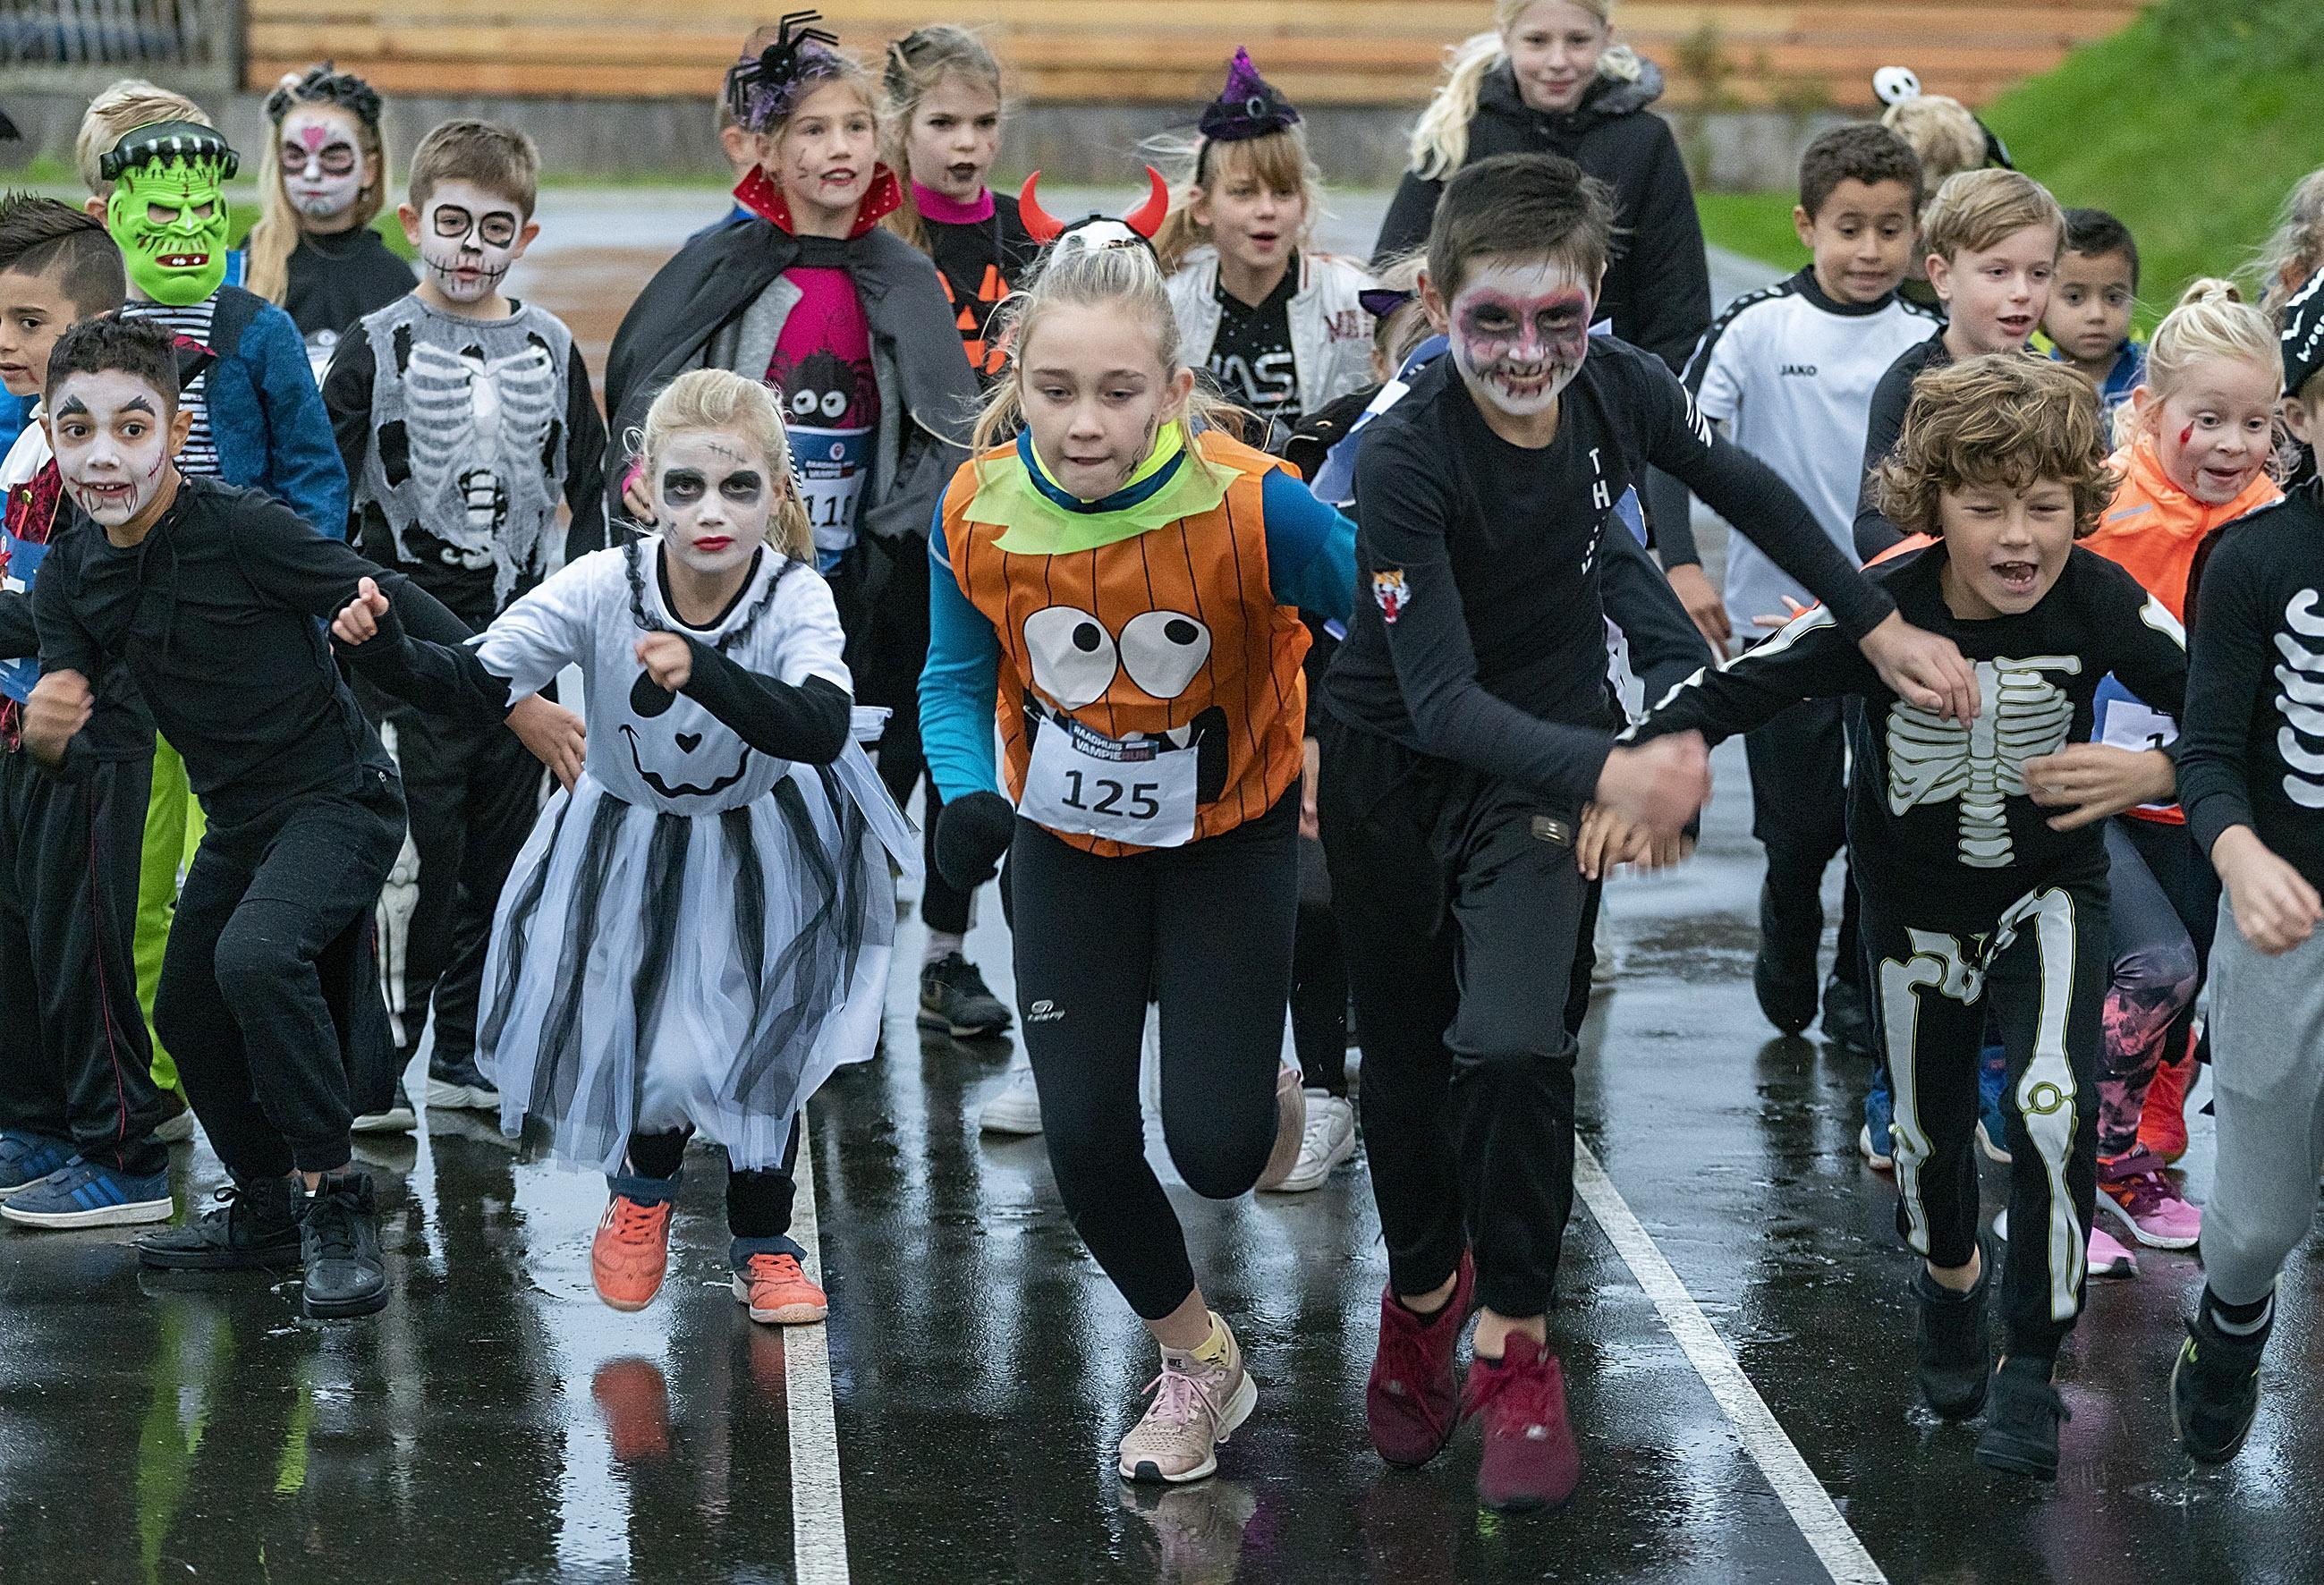 Hardlopende vampiertjes op sportcomplex. 'De mensen moeten blijven bewegen'